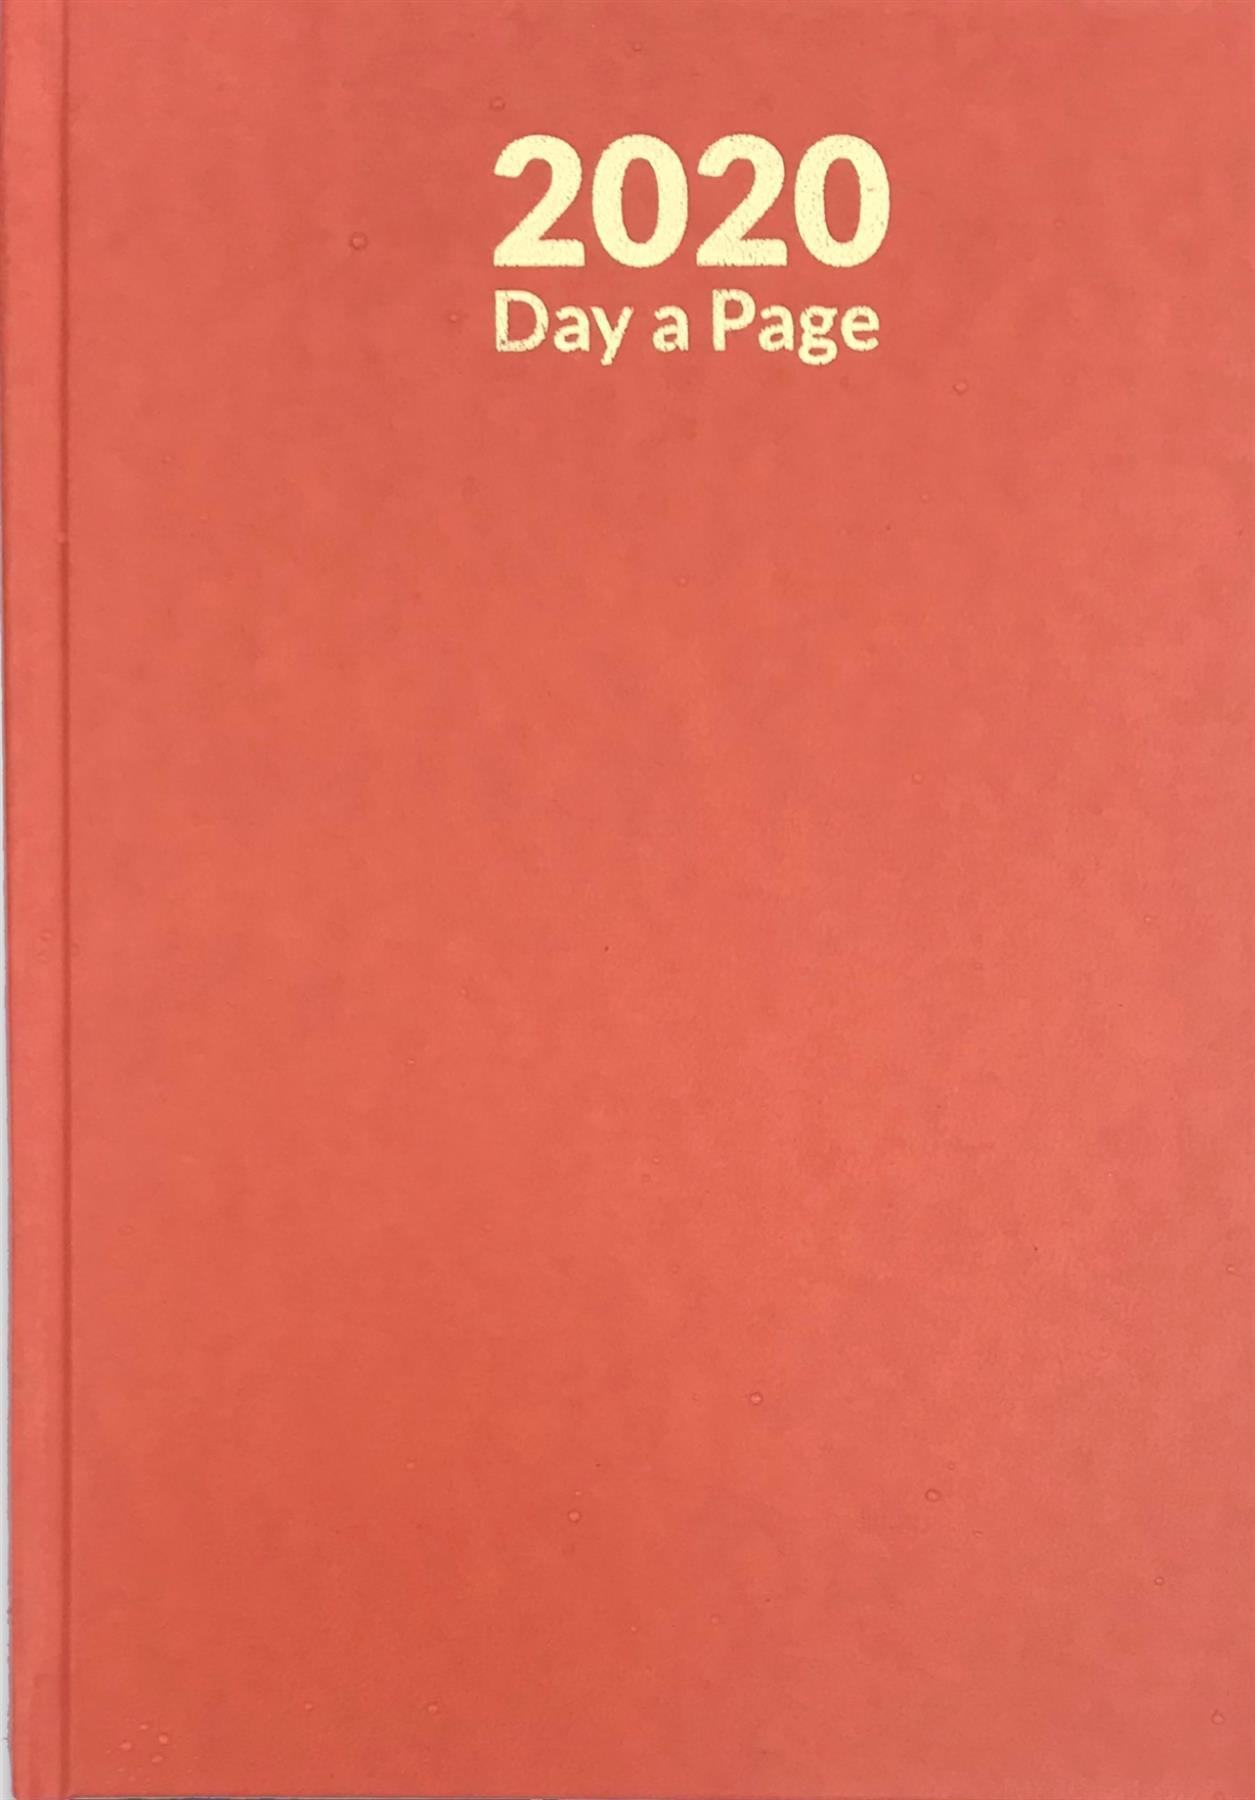 Pagina-de-A4-A5-2020-un-dia-semana-para-ver-diario-diario-de-cubierta-dura-Blancas miniatura 15